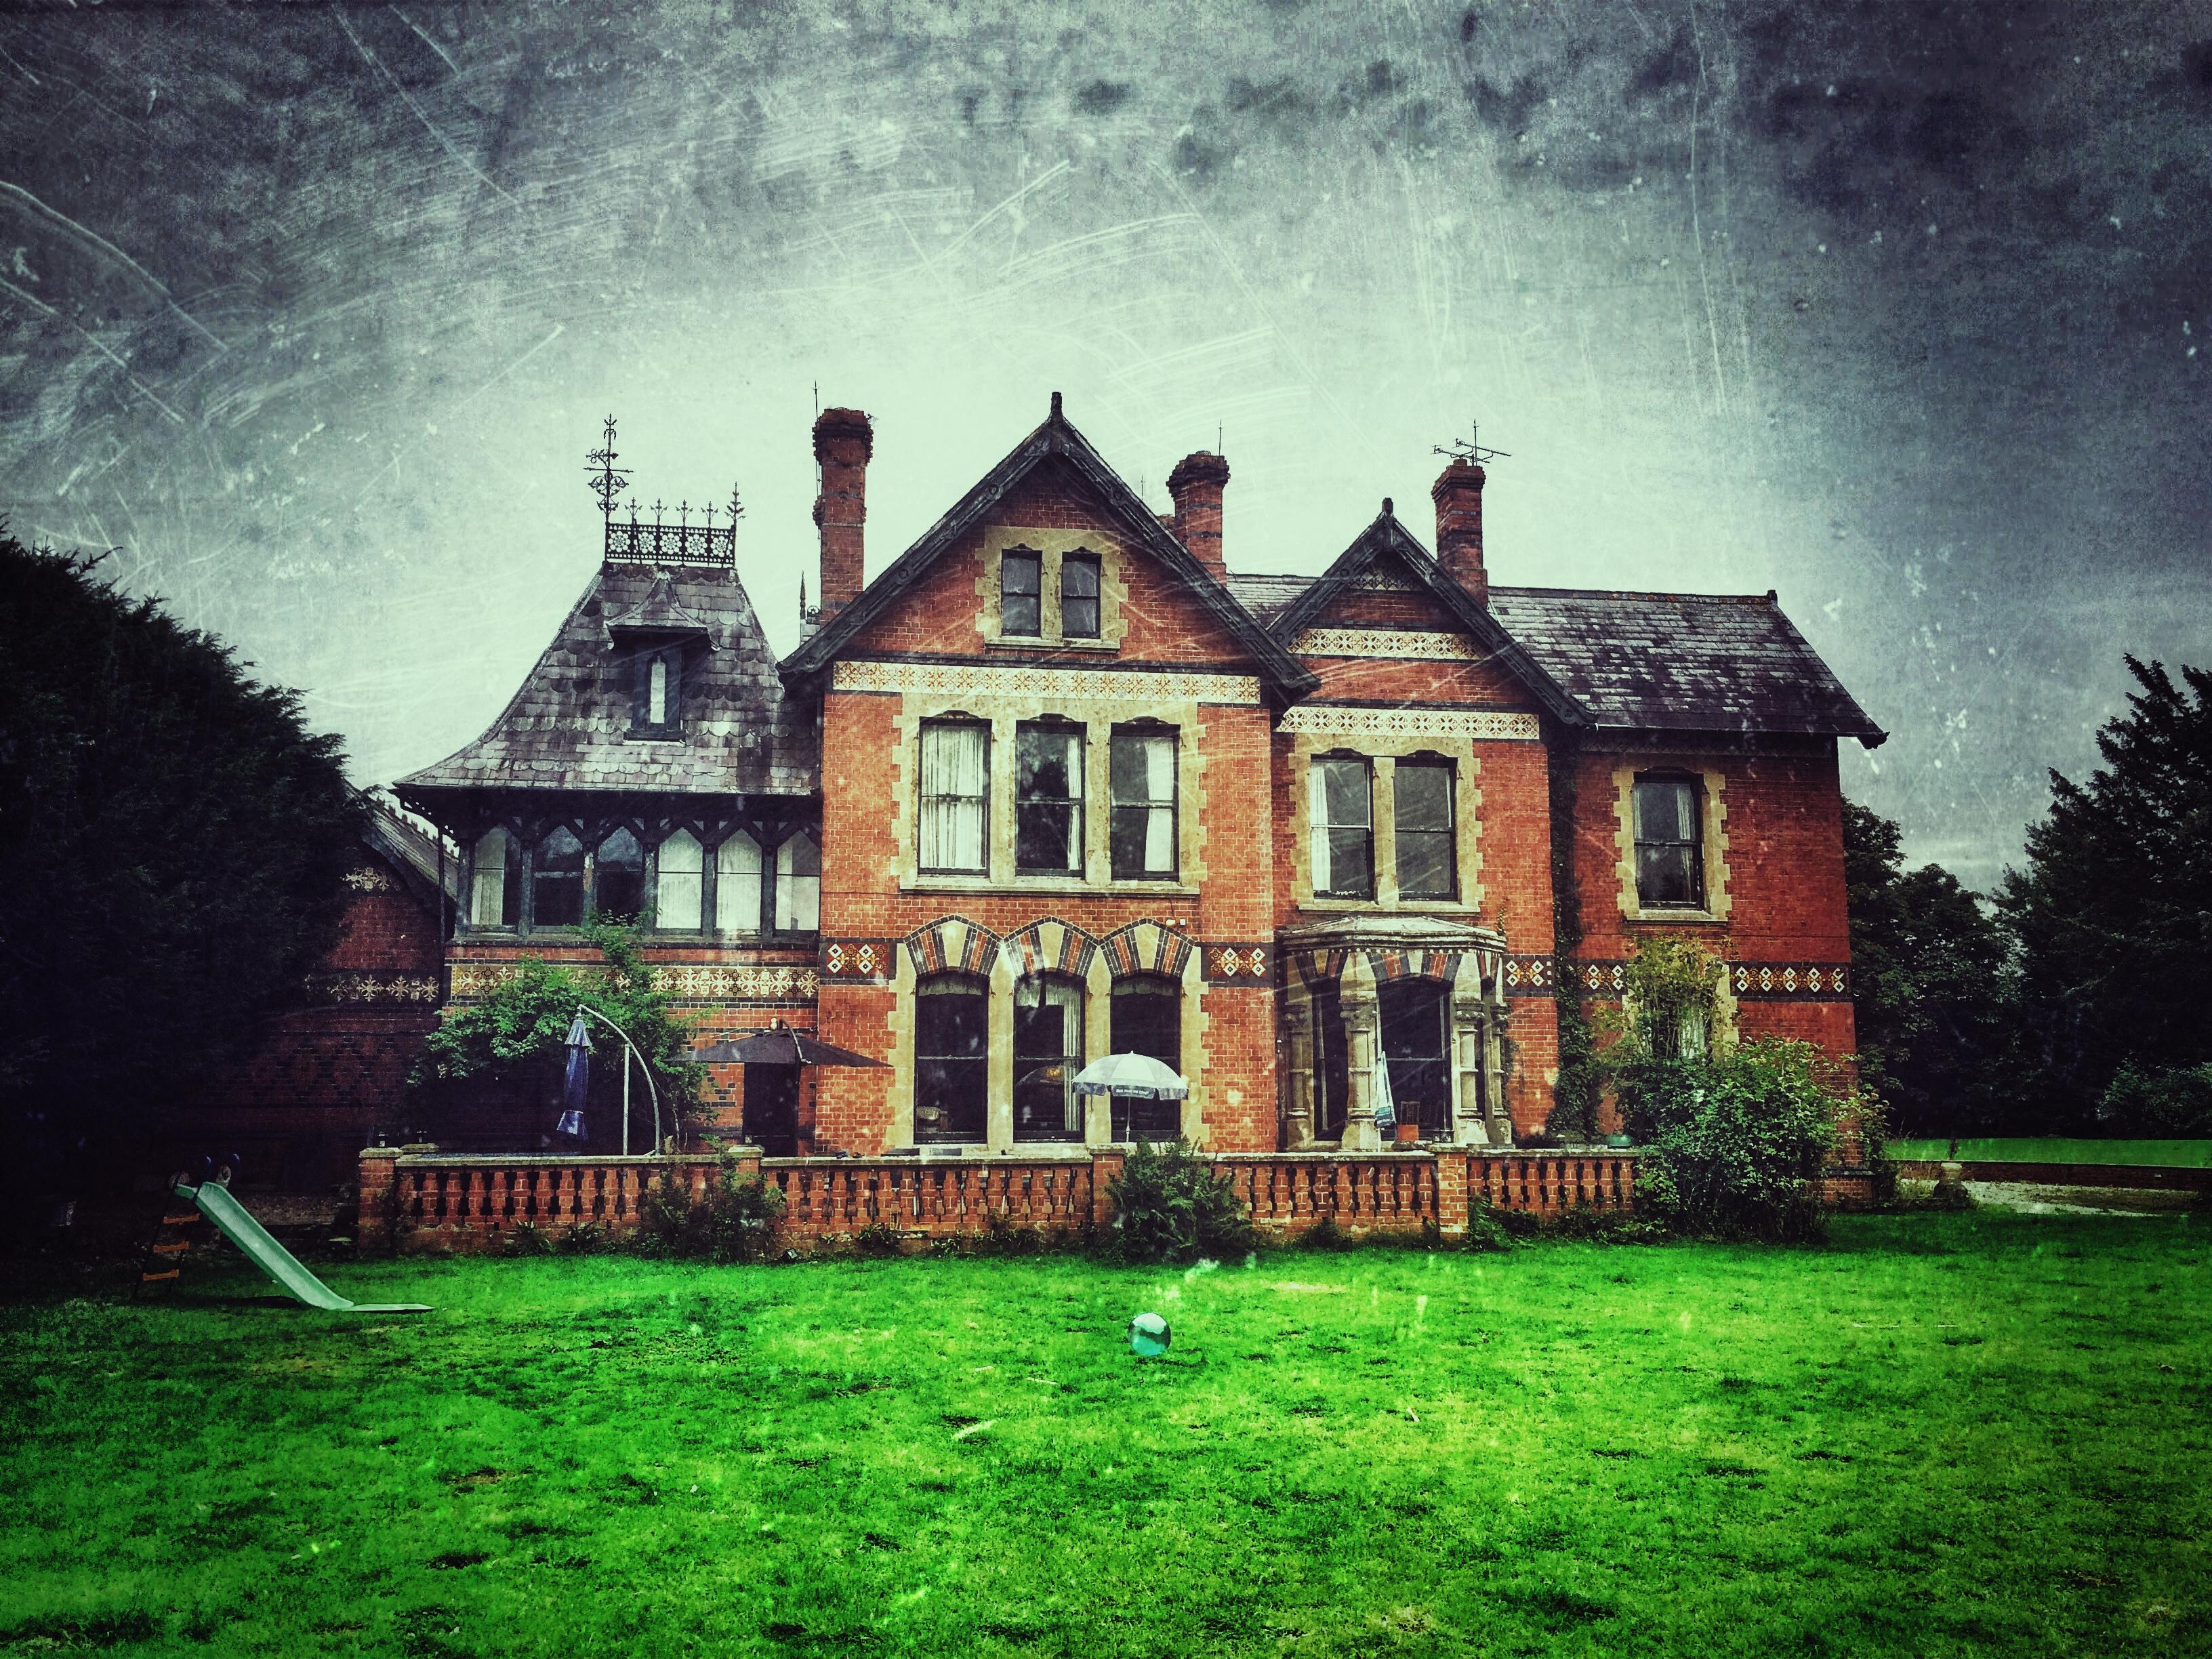 Rosebank - stately home near Hereford, UK